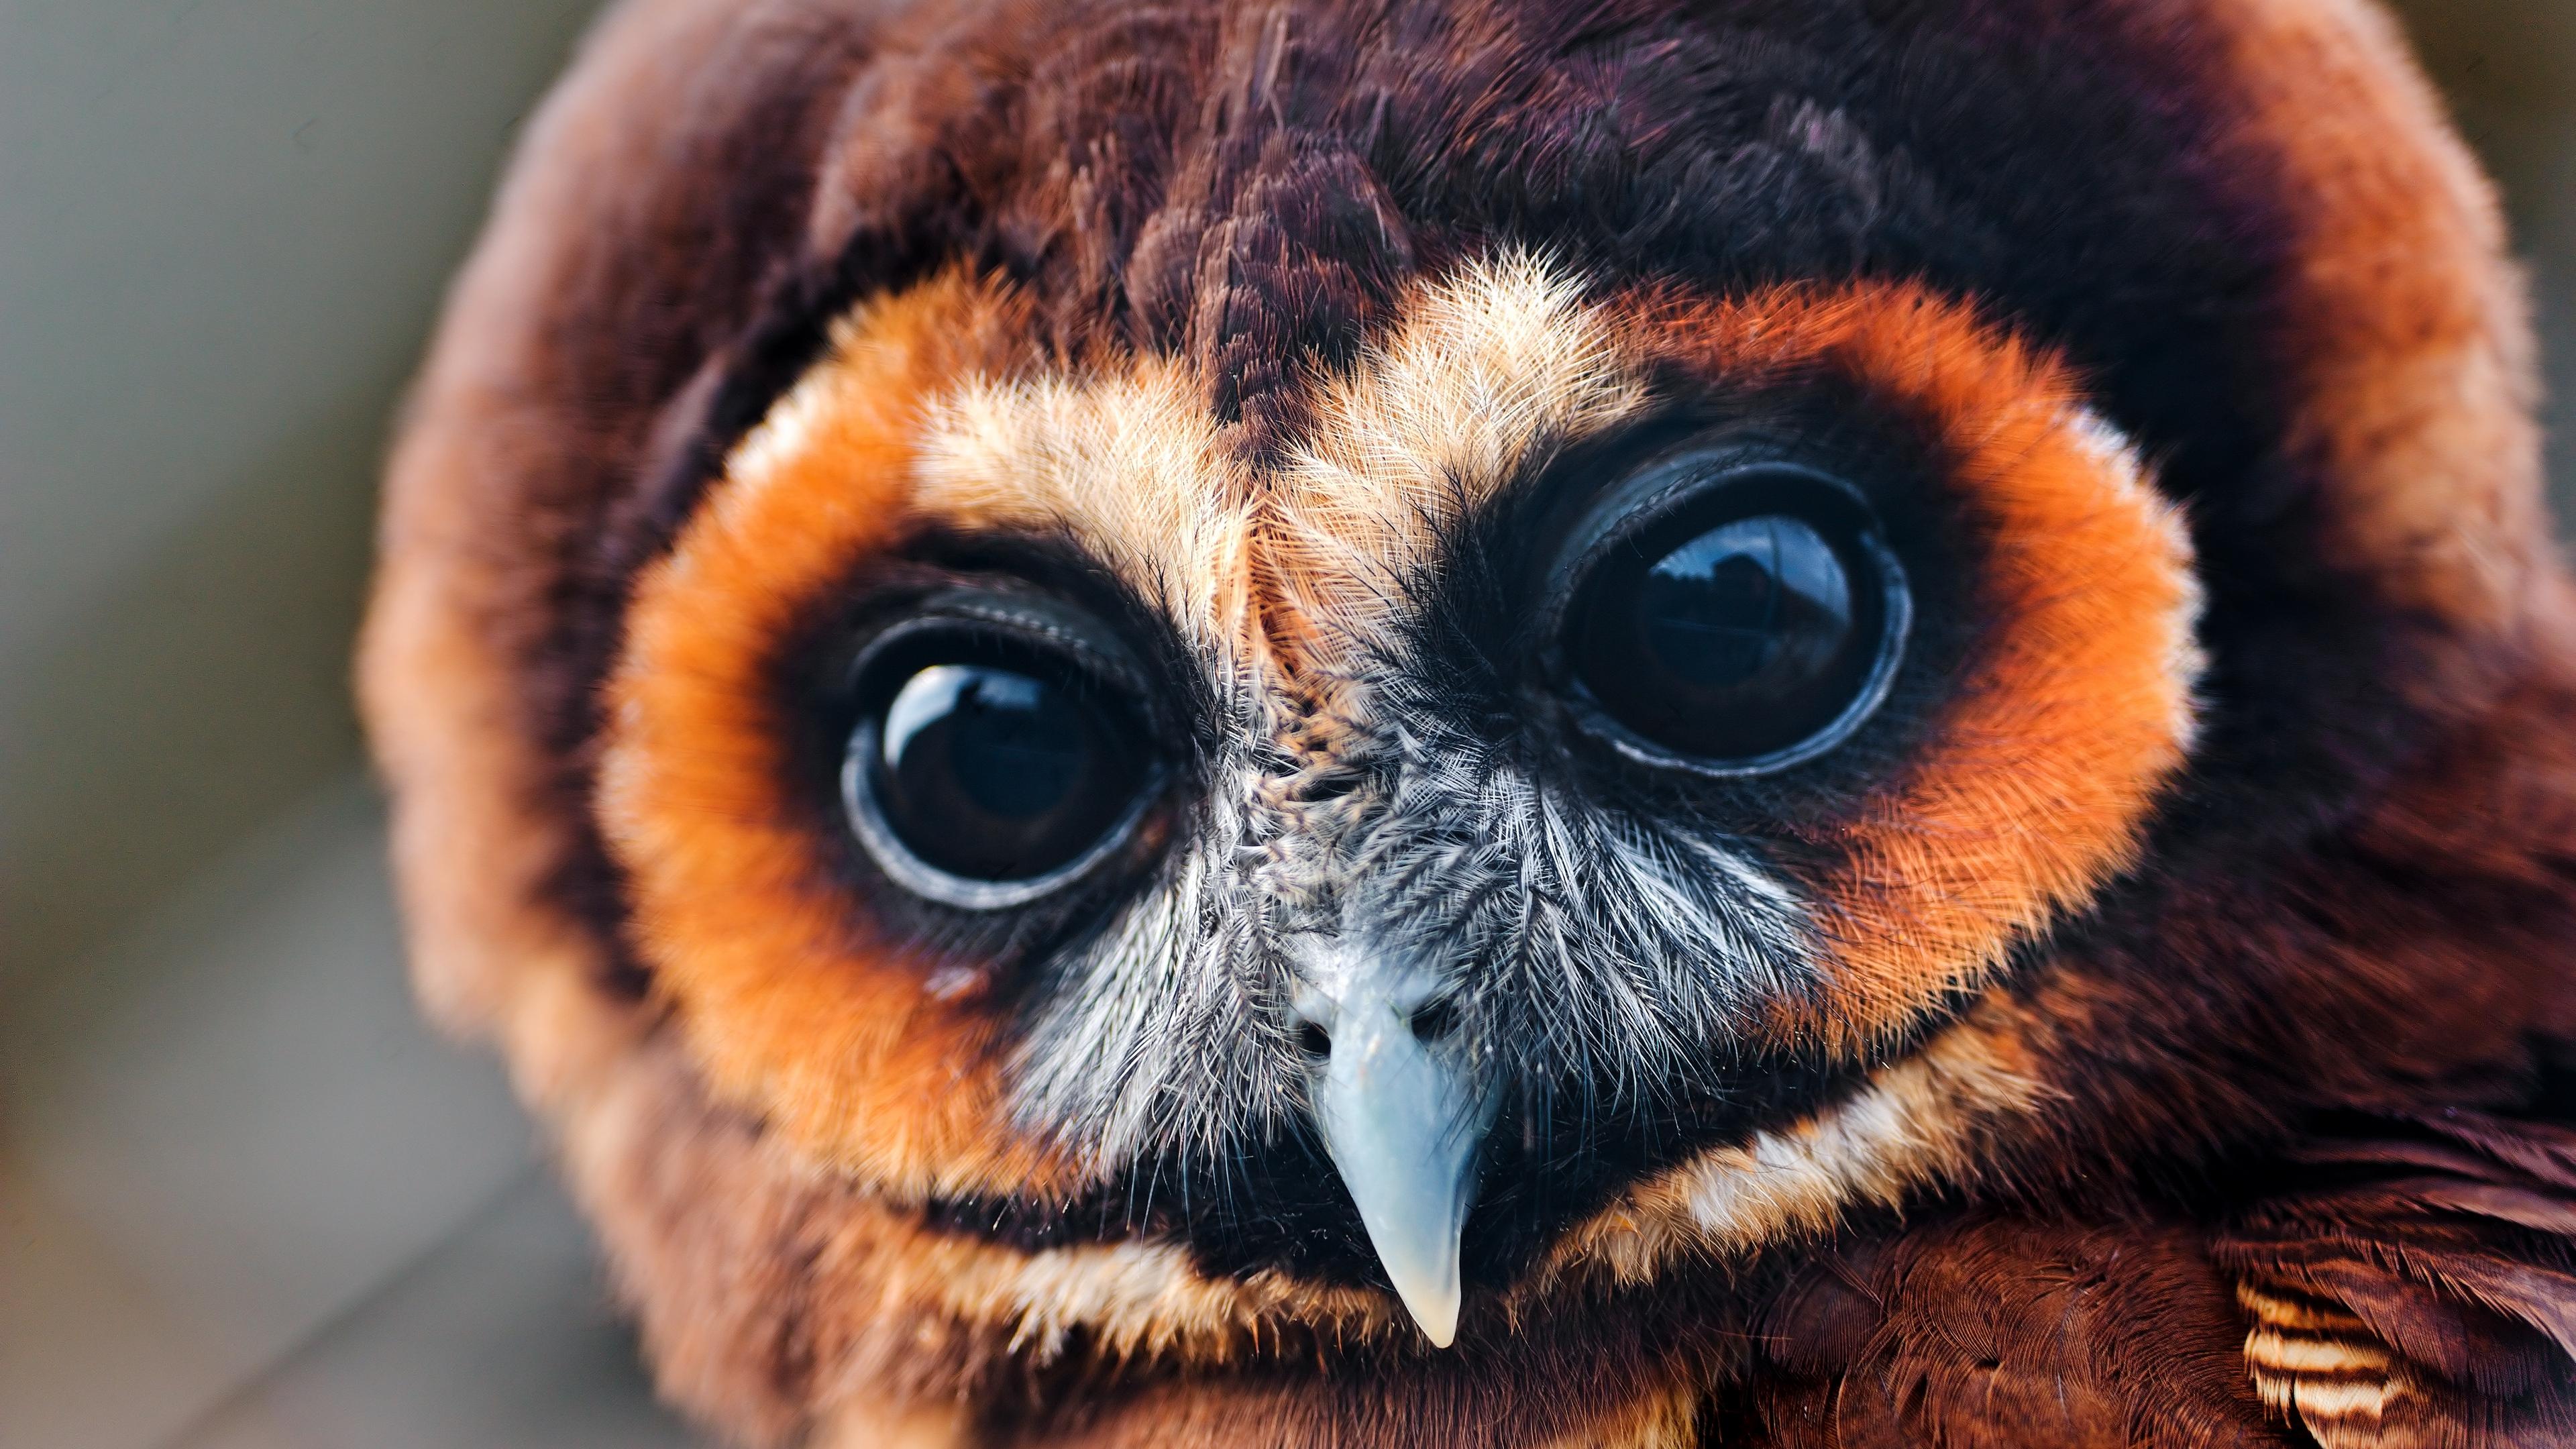 owl baby muzzle eyes feathers 4k 1542242557 - owl, baby, muzzle, eyes, feathers 4k - Owl, muzzle, Baby